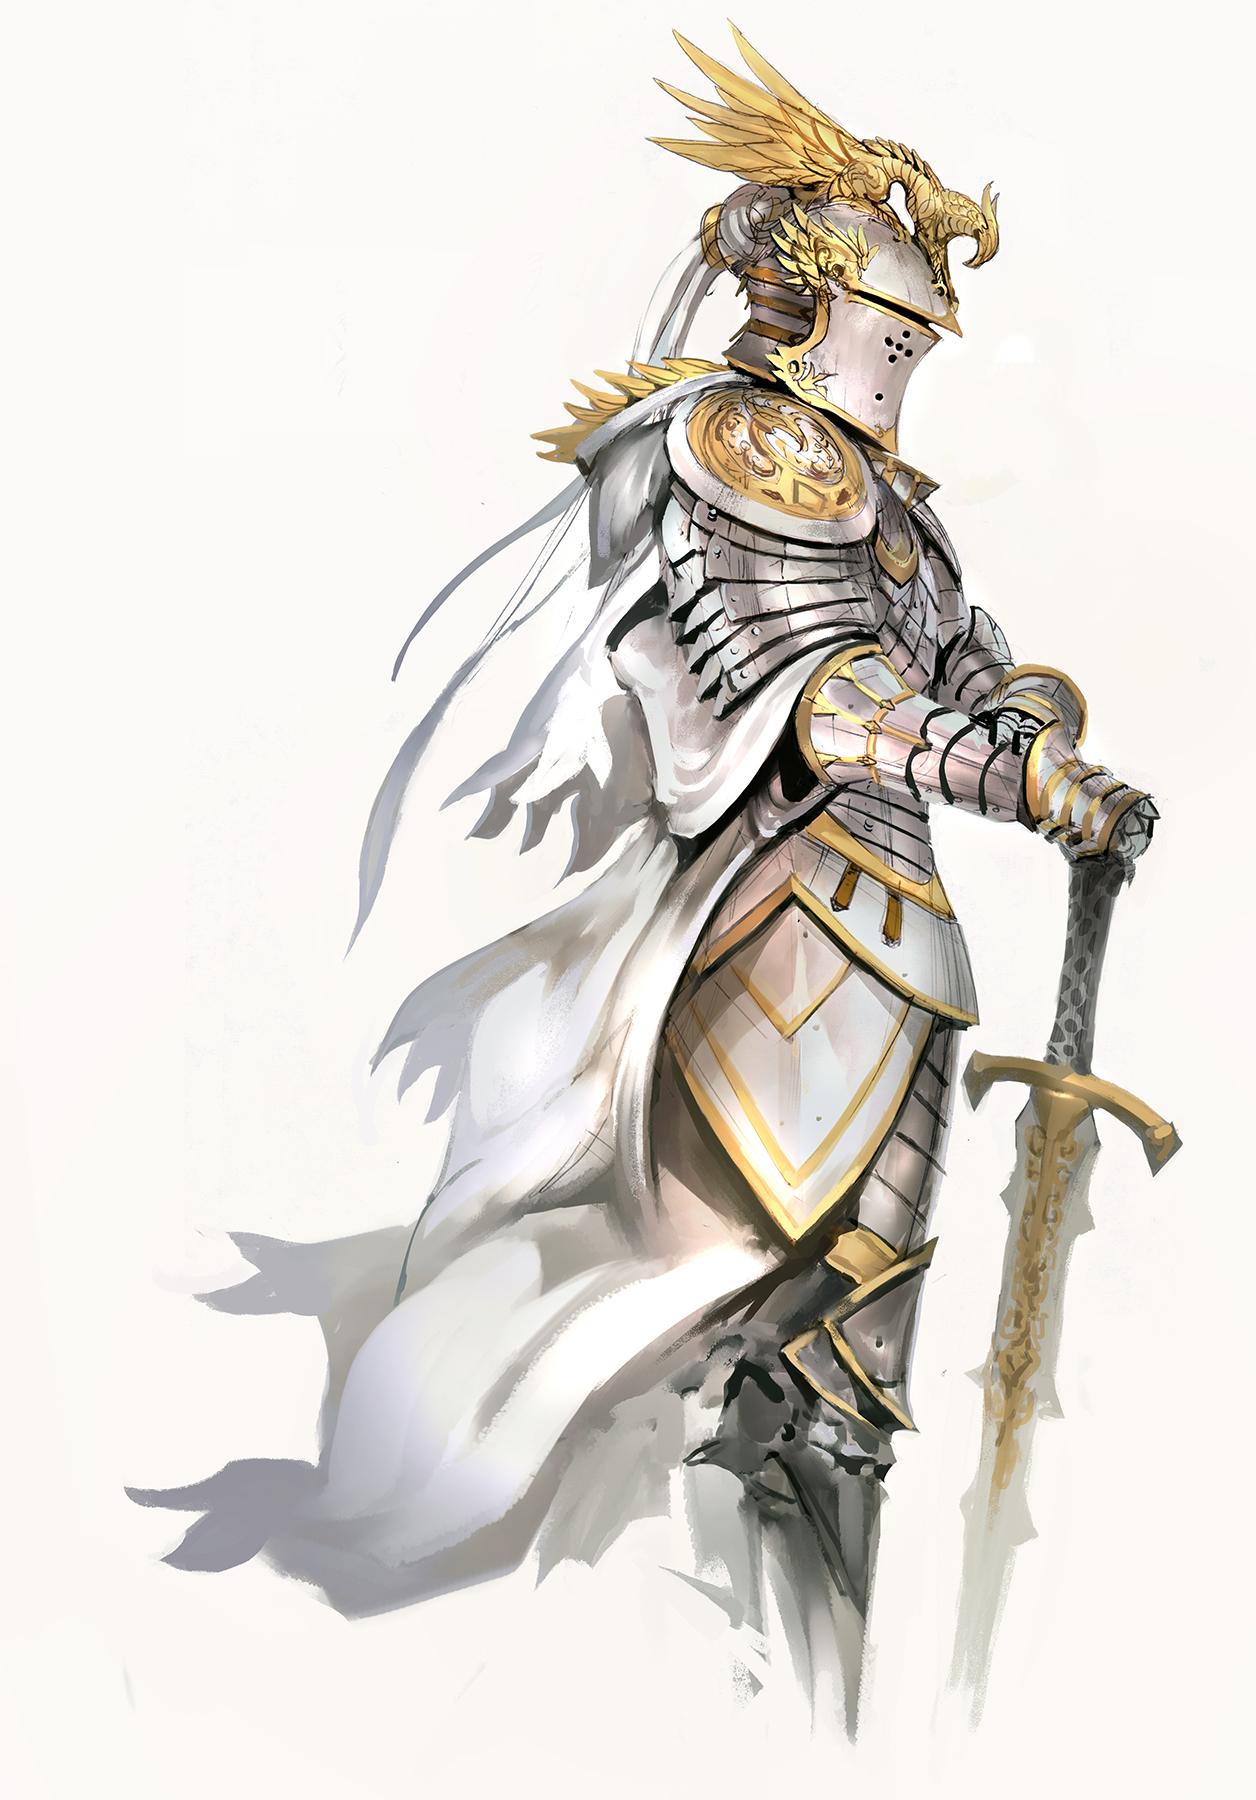 White Knight by kekaik | Fantasy | 2D | CGSociety